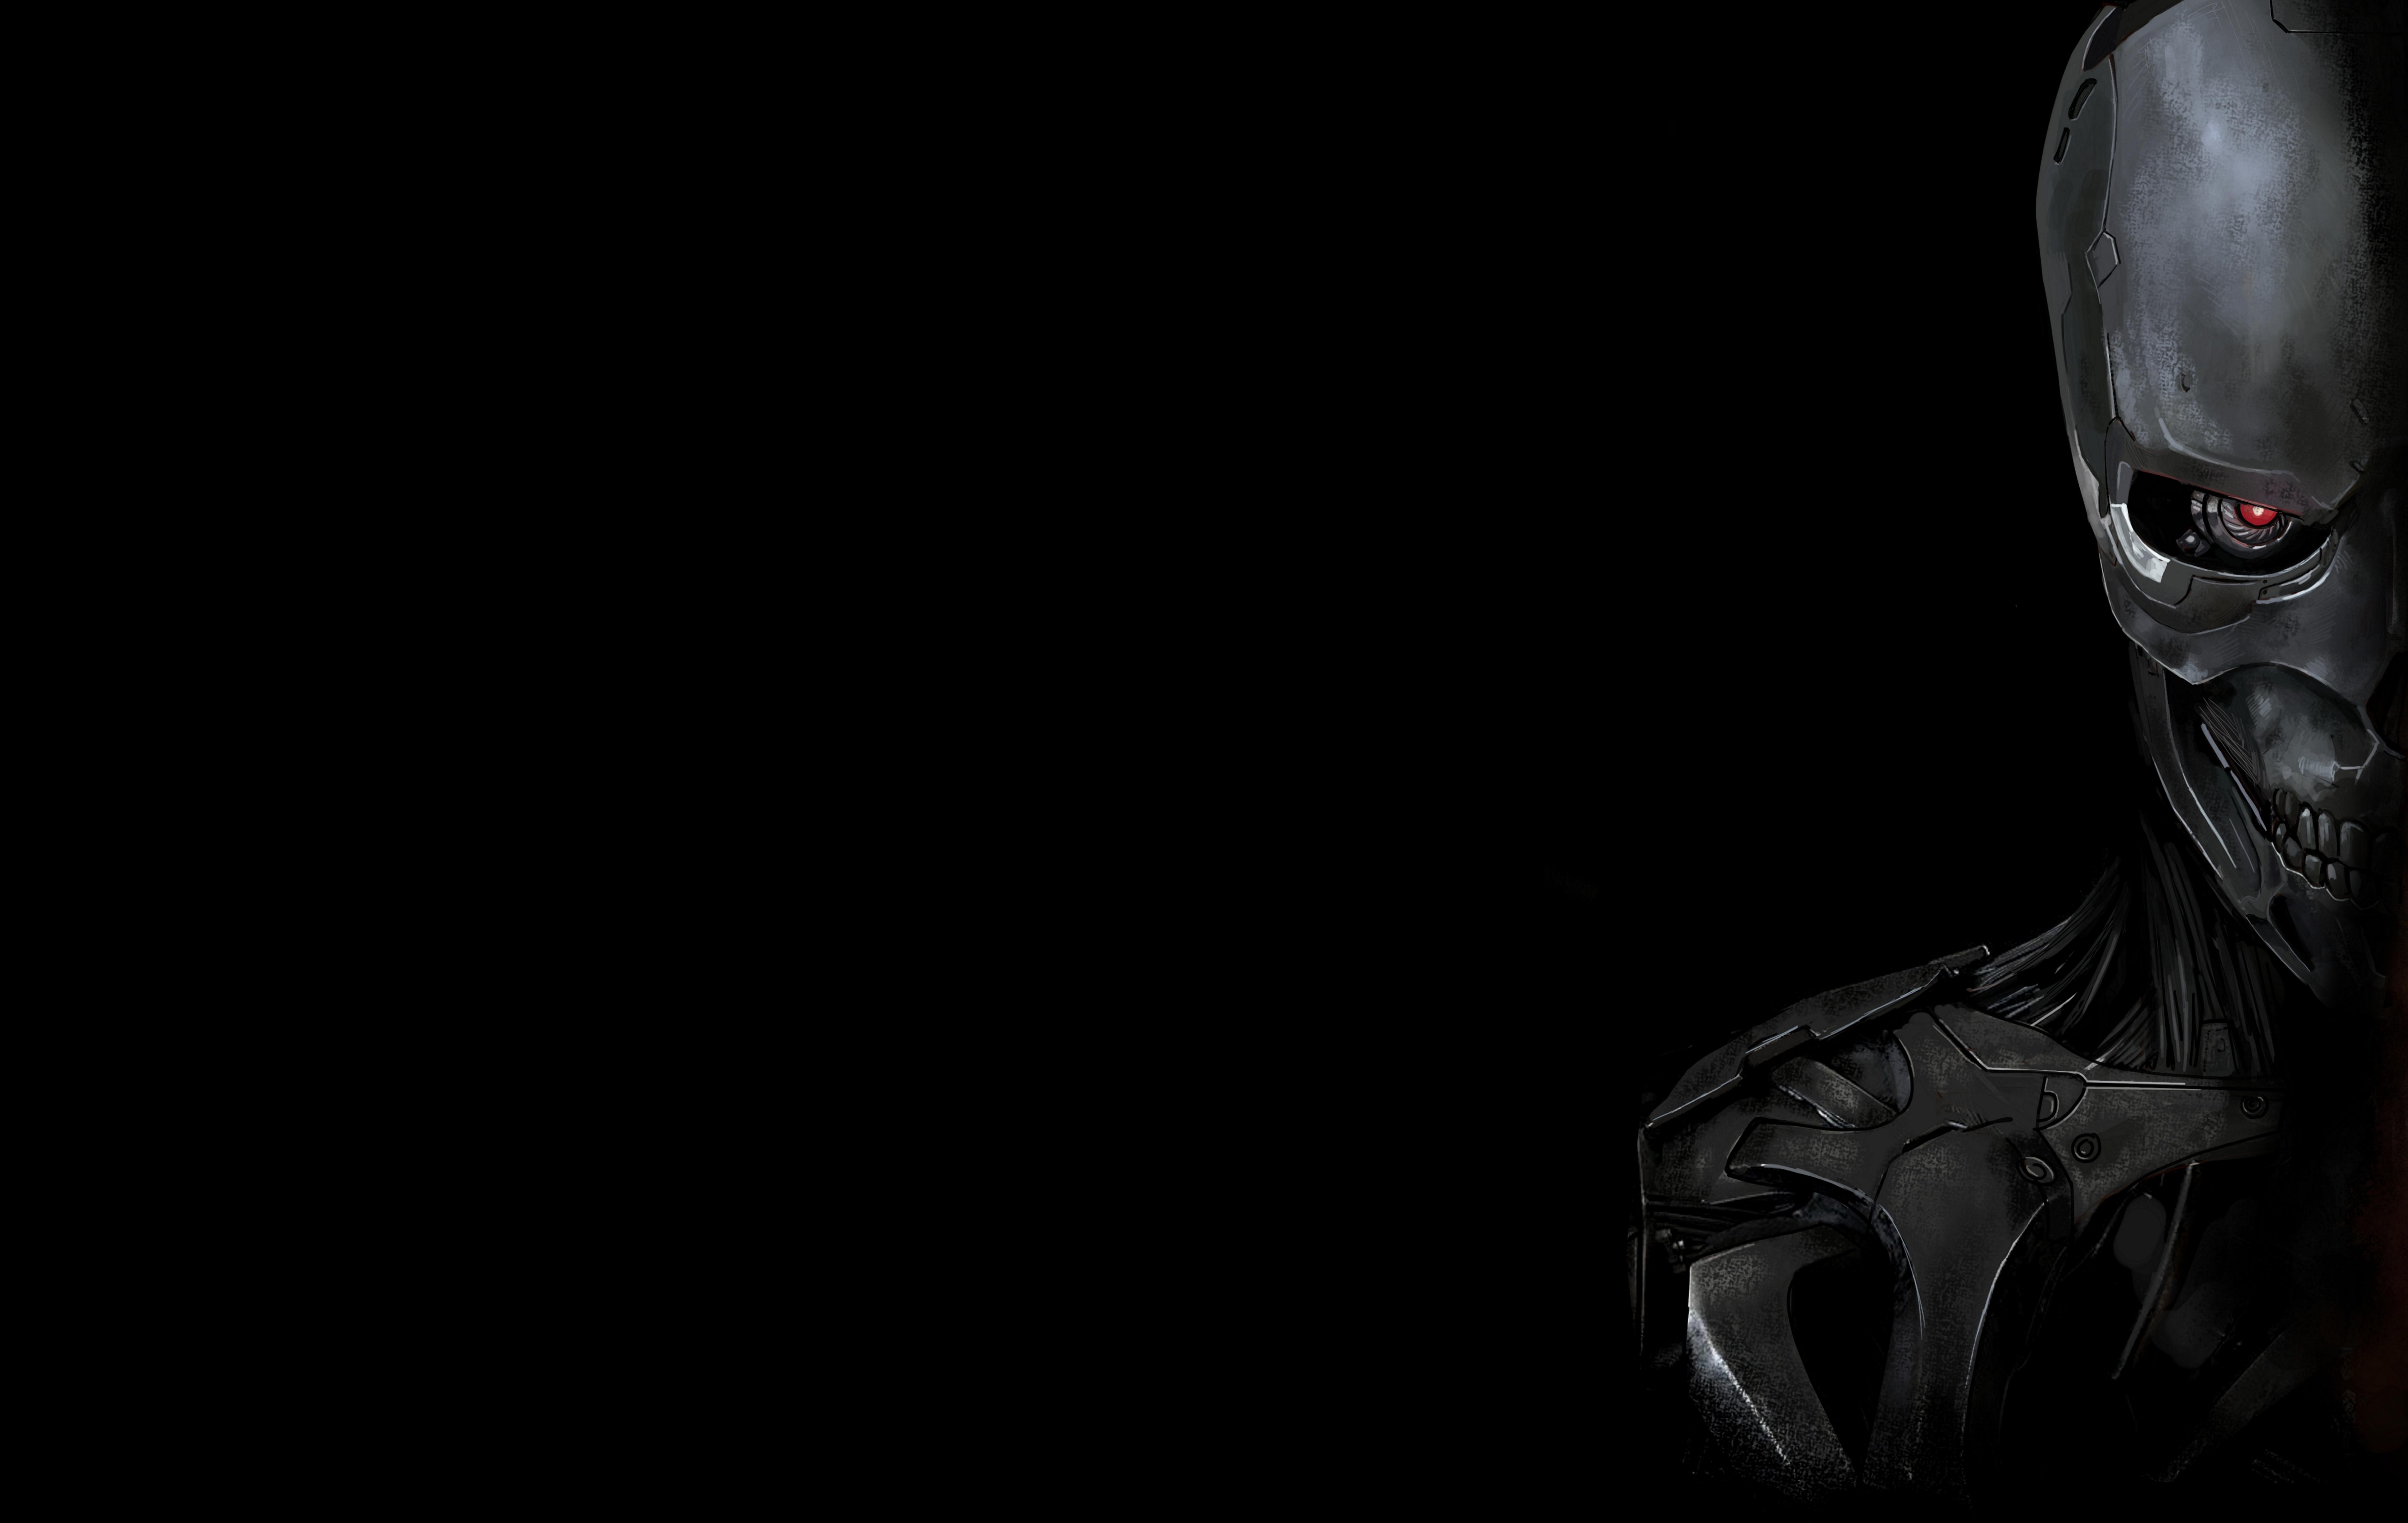 1280x1024 Terminator Dark Fate 4K 8K